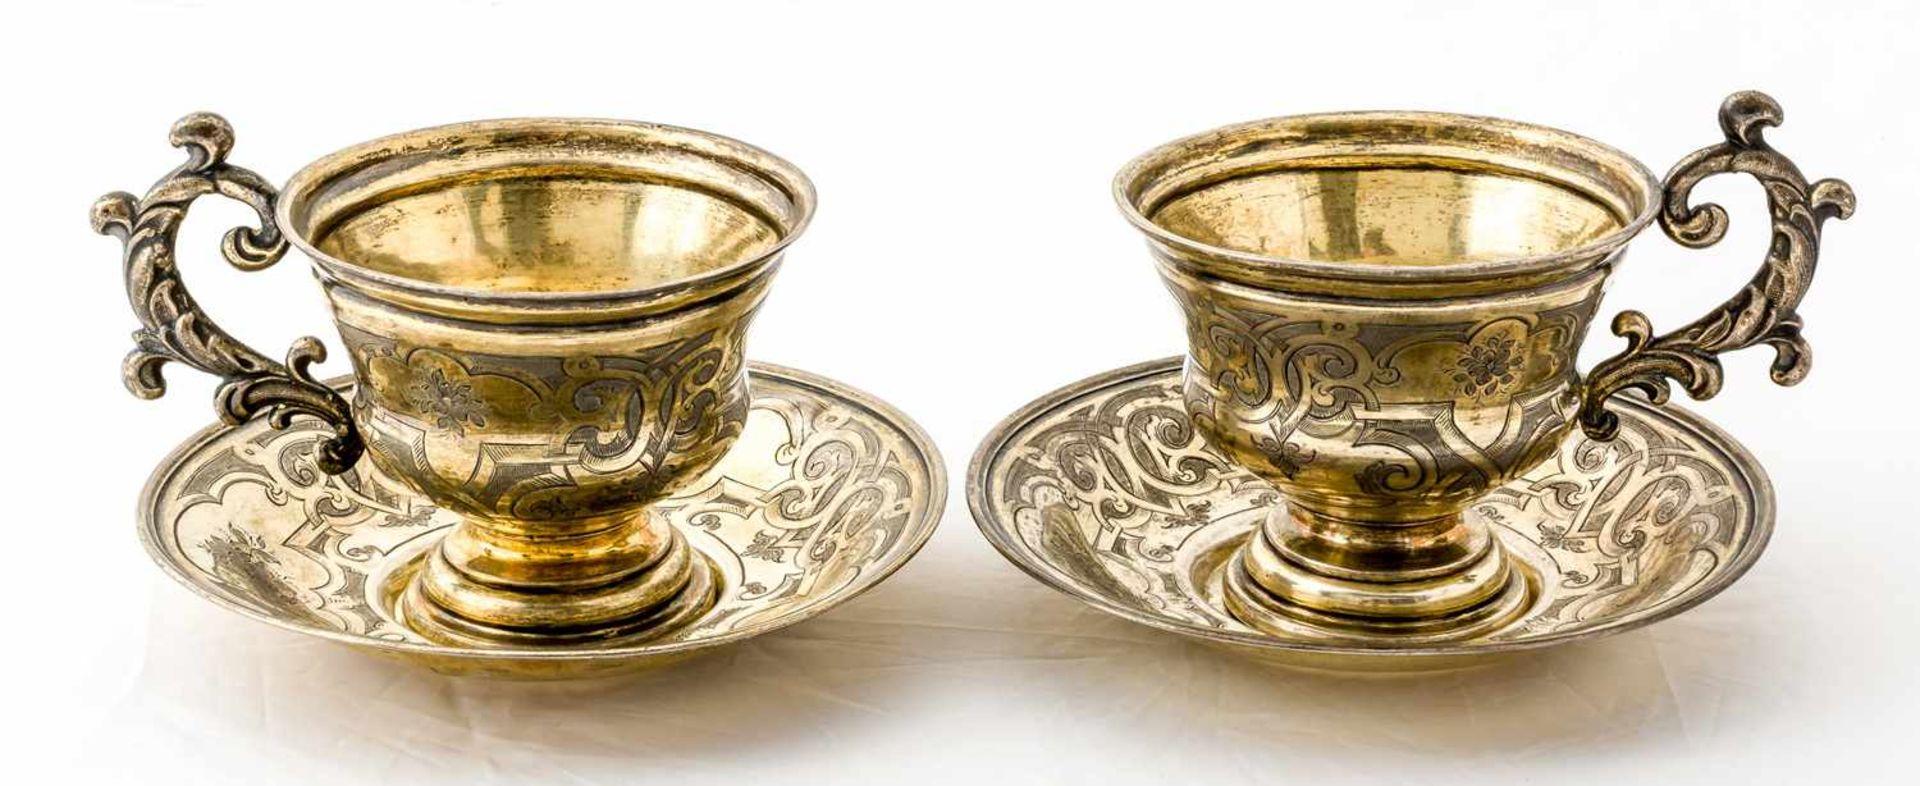 2 Teetassen mit Untertassen Russland, Silber vergoldet (zus. 414g), St. Petersburg 1860